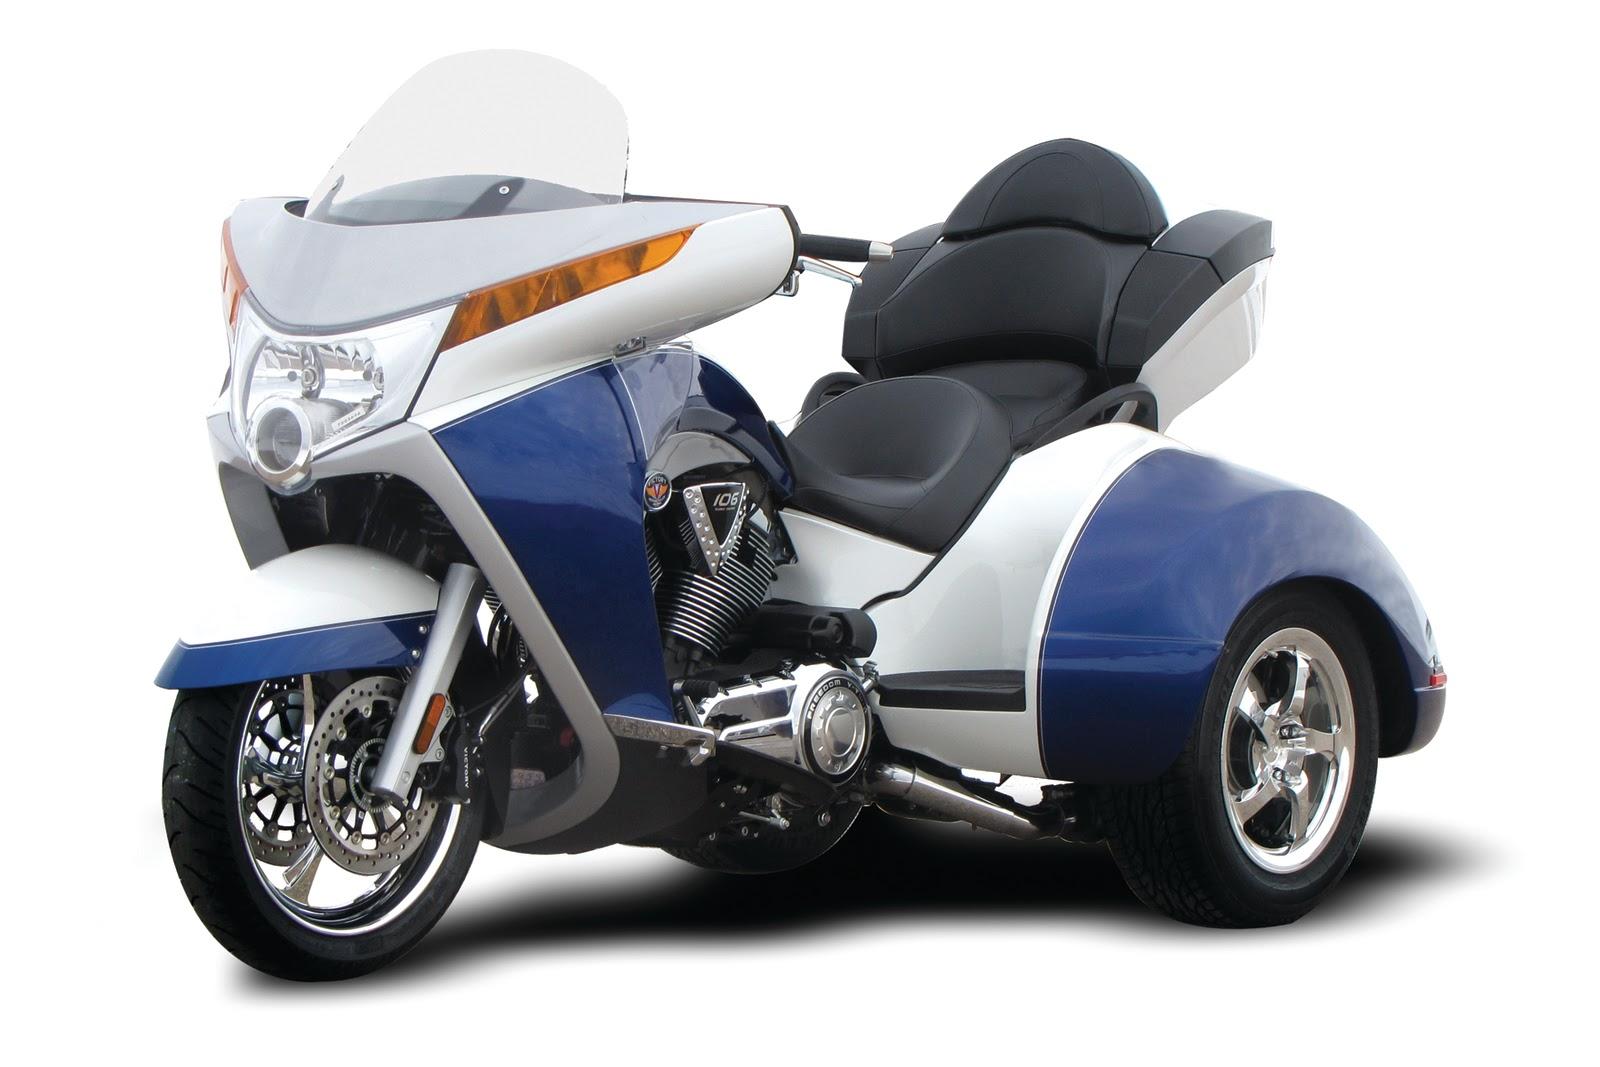 Lehman Victory Trike Motorcycle 1600 x 1067 · 175 kB · jpeg